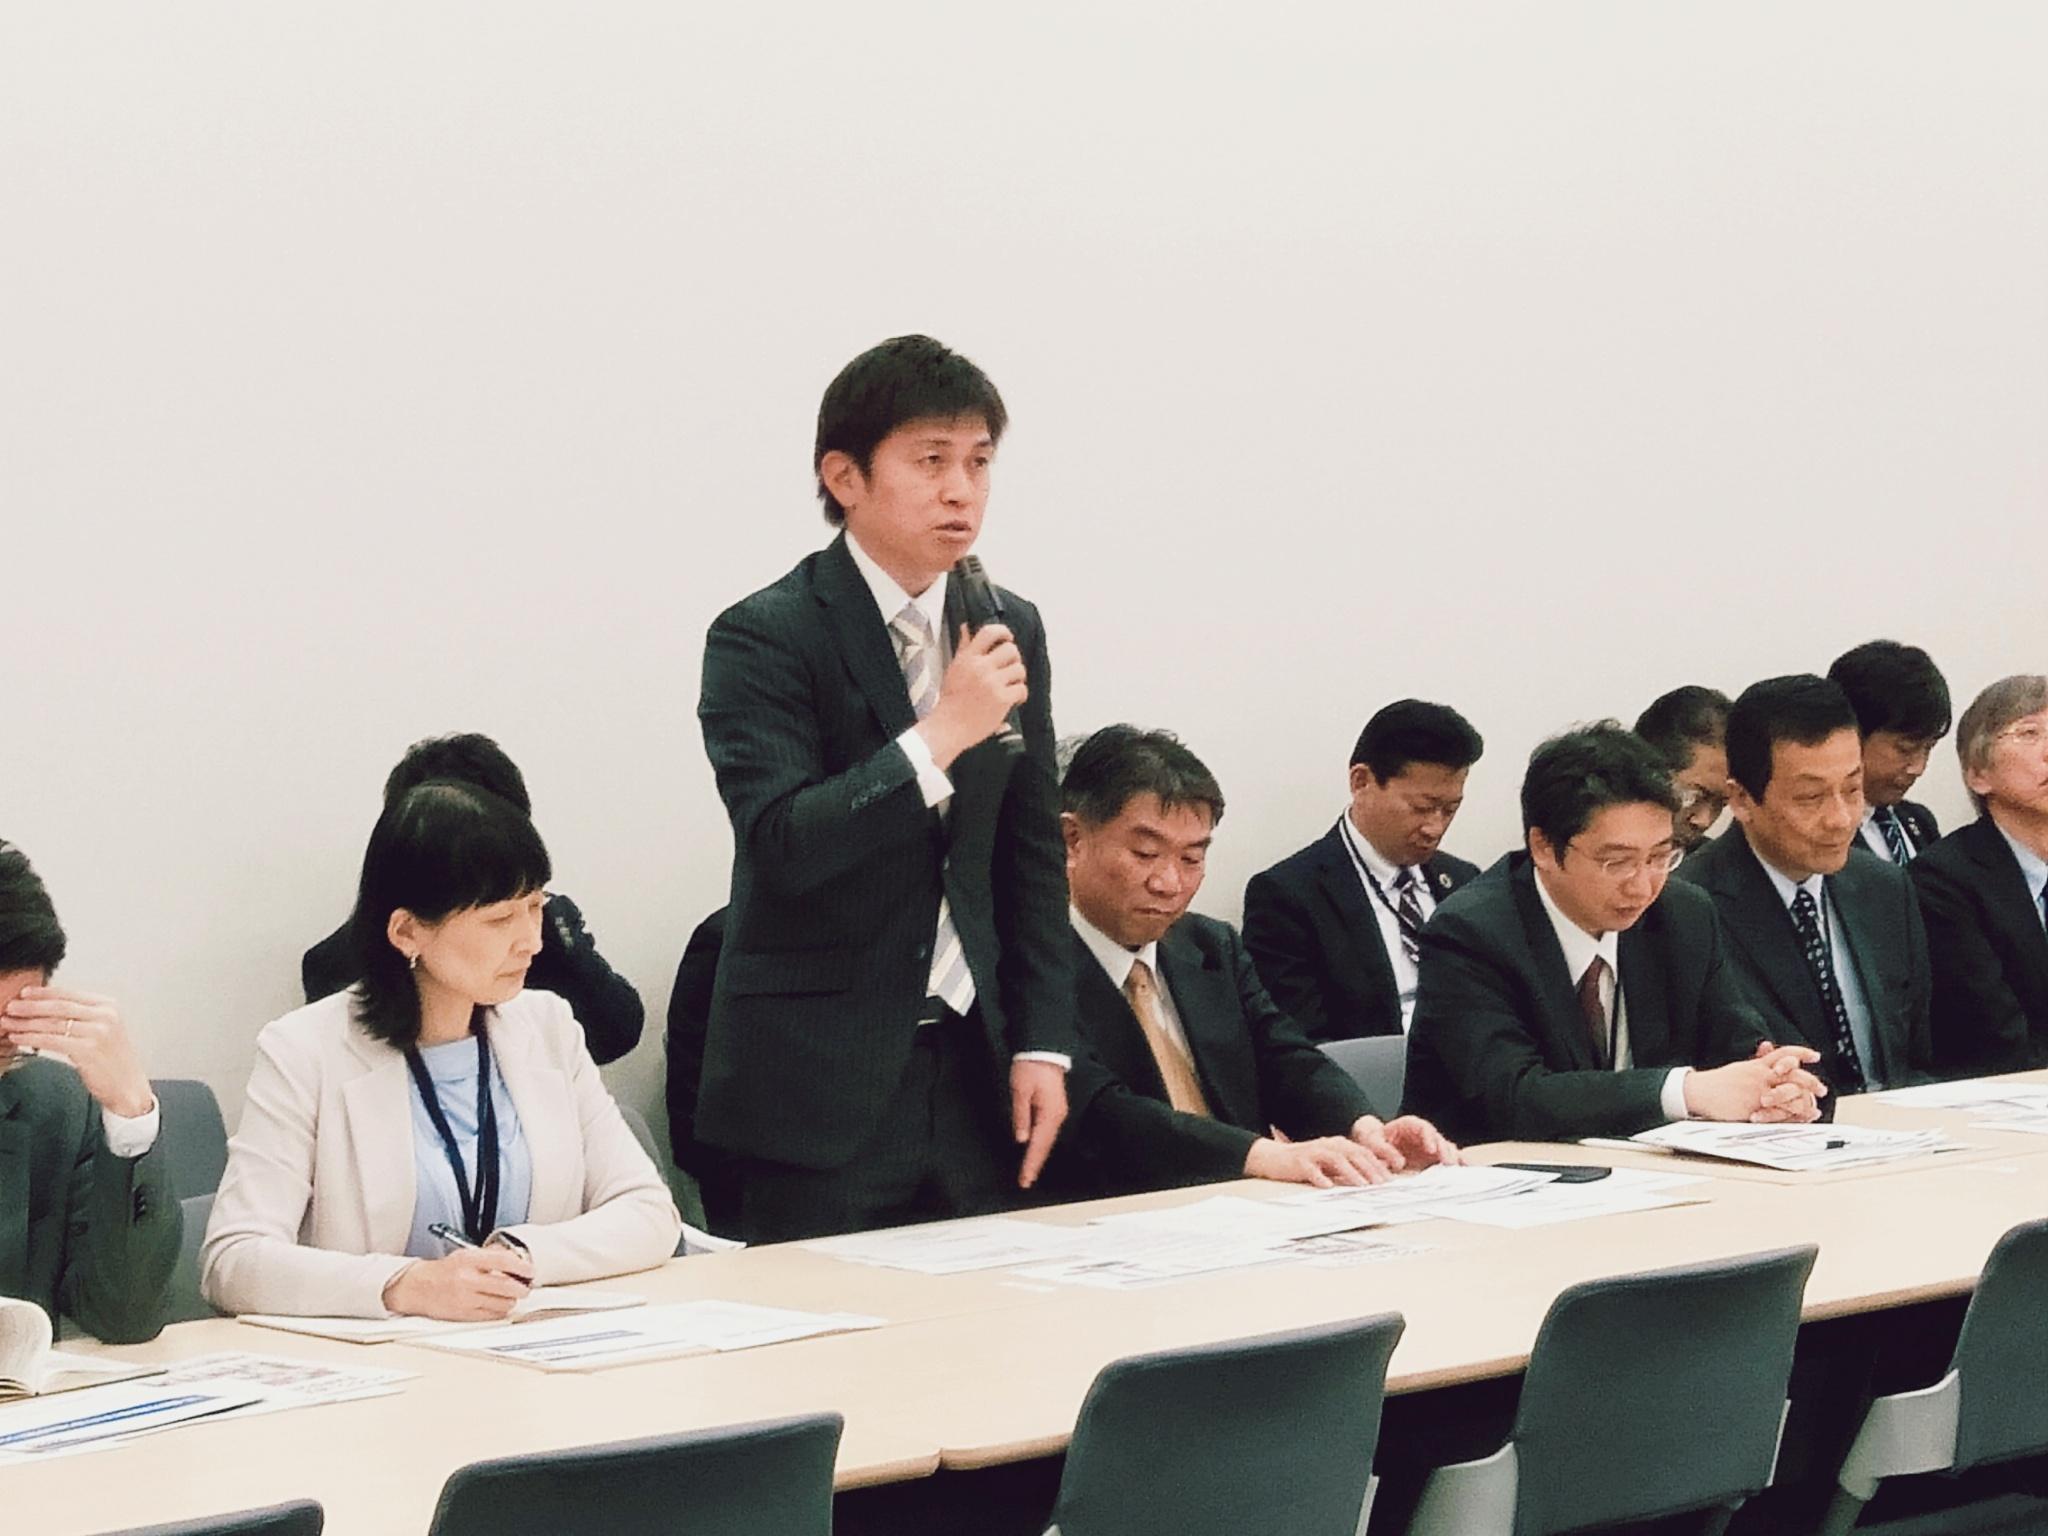 党大阪・関西万博推進本部に出席